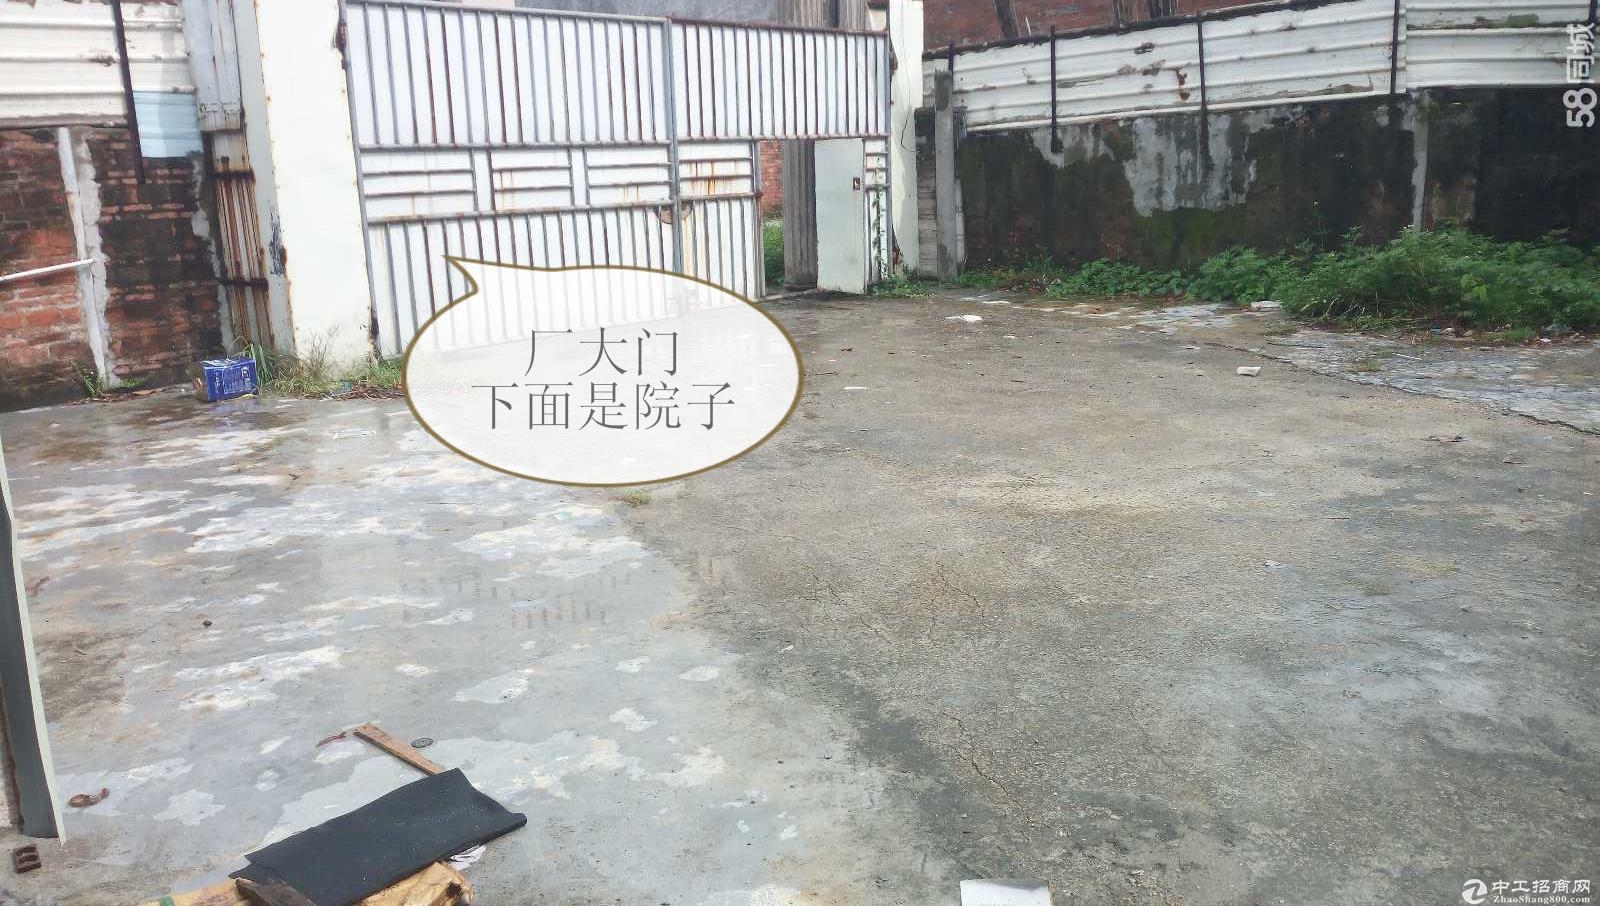 出租港口大南一楼厂房 仓库有300方的院子厂600方马路宽大-图5